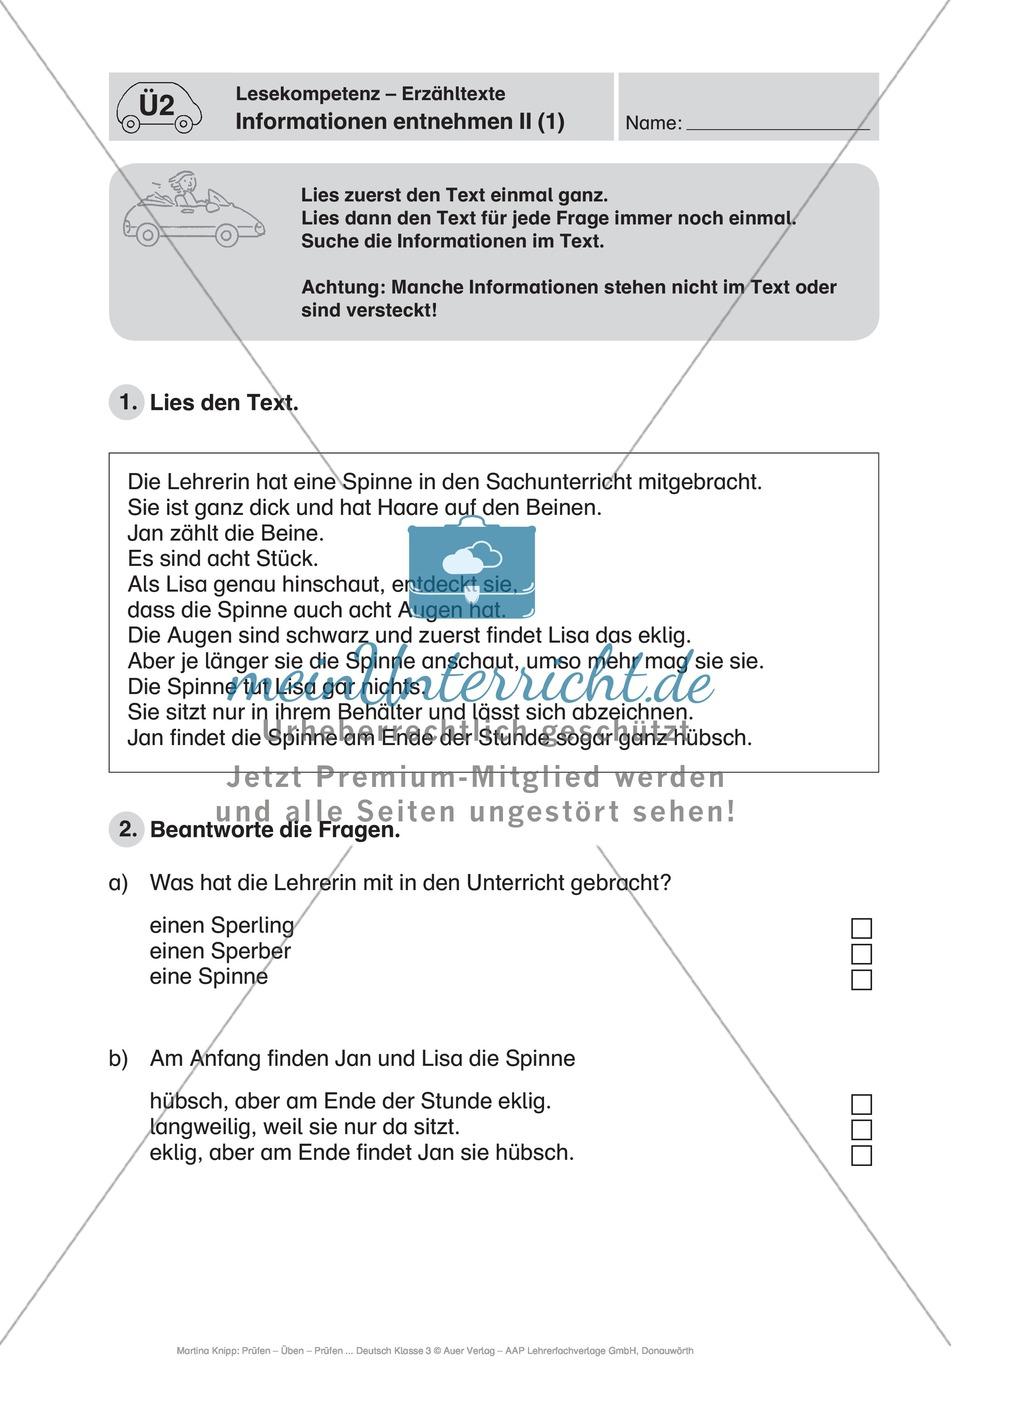 Lesekompetenz, Erzähltexten Informationen entnehmen II: Führerschein-Übungsaufgaben und Lösung Preview 0